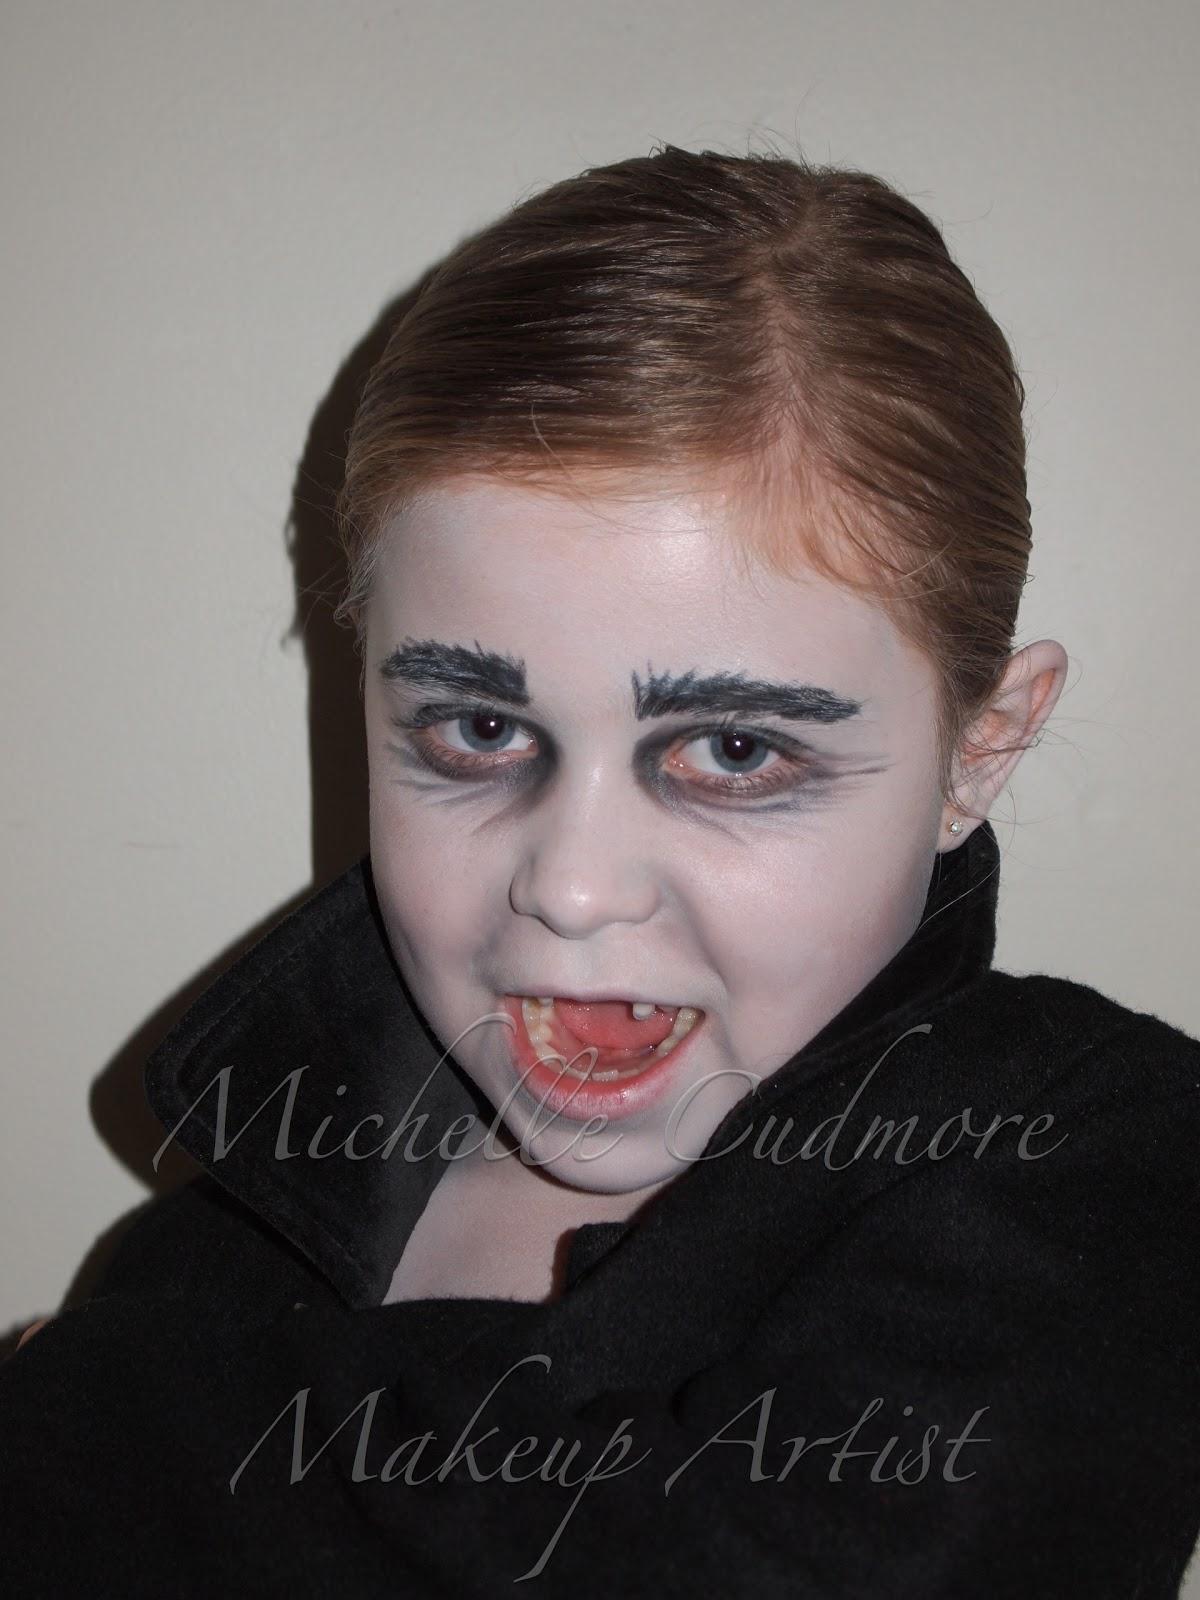 pei makeup artist kids halloween makeup